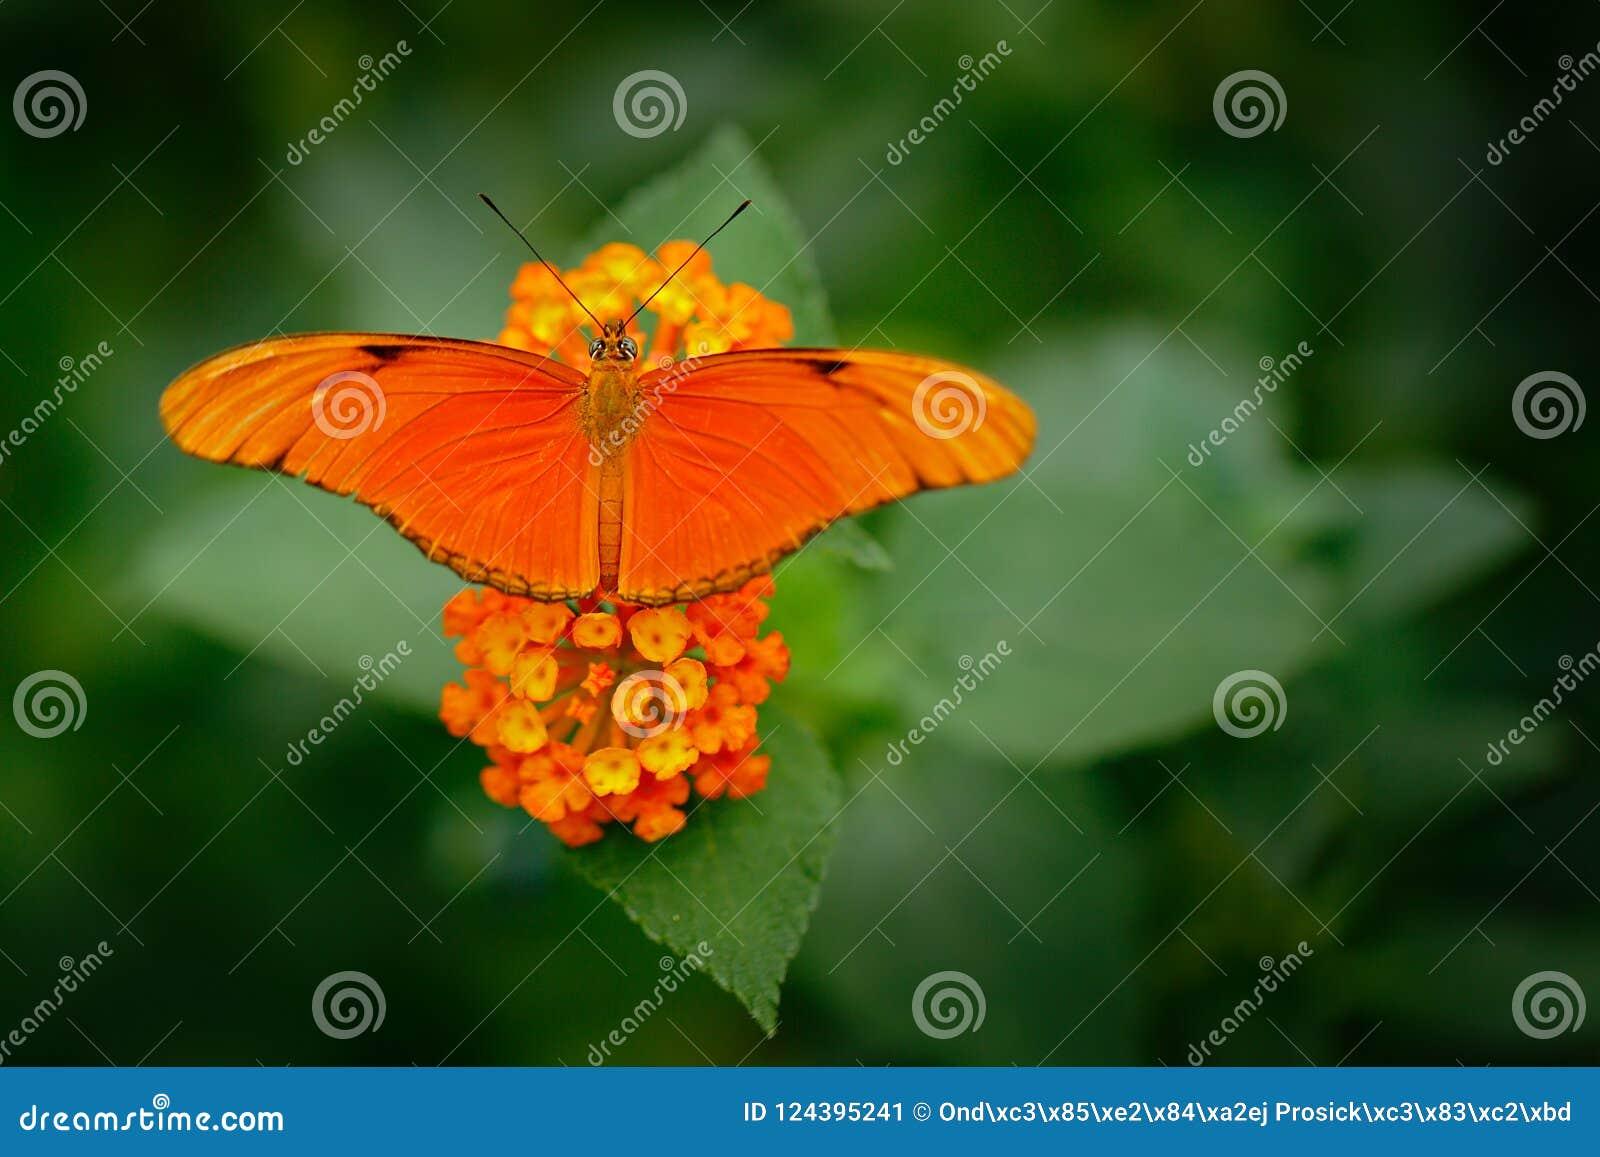 Dryas iulia, Przeliterowany Julia heliconian, w natury siedlisku Ładny insekt od Costa Rica w zielonym lasowym Pomarańczowym moty